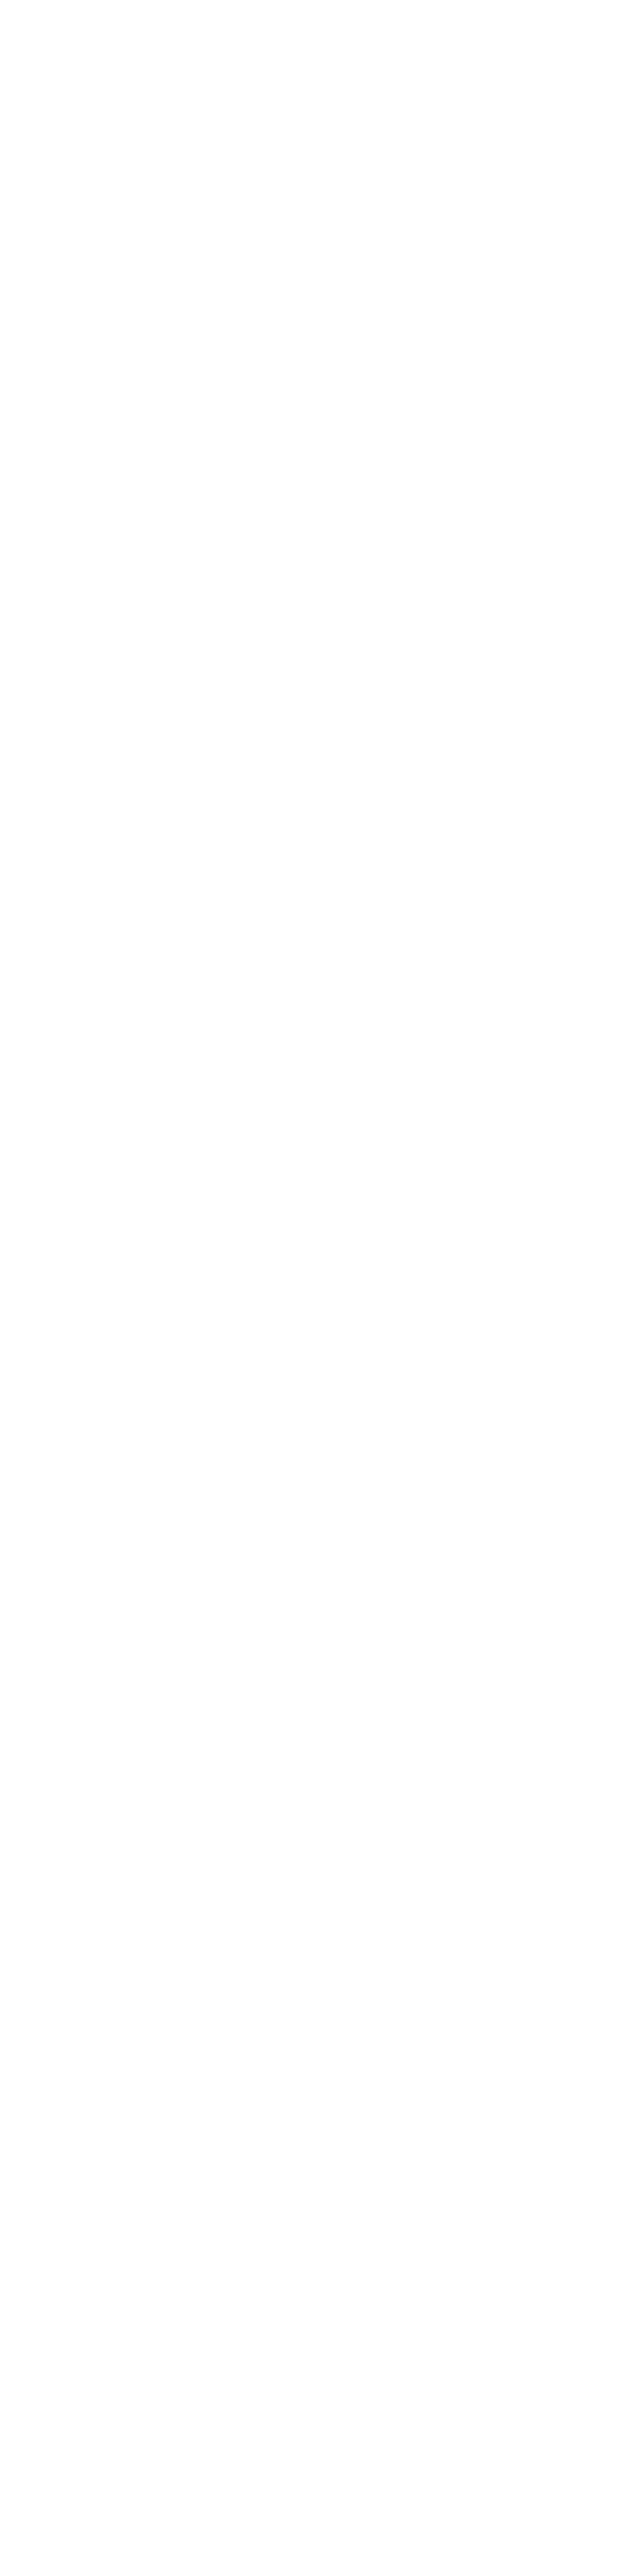 발브러쉬 발각질제거기12,000원-홀트레이드뷰티/다이어트, 바디케어, 풋/핸드케어, 풋스크럽바보사랑발브러쉬 발각질제거기12,000원-홀트레이드뷰티/다이어트, 바디케어, 풋/핸드케어, 풋스크럽바보사랑